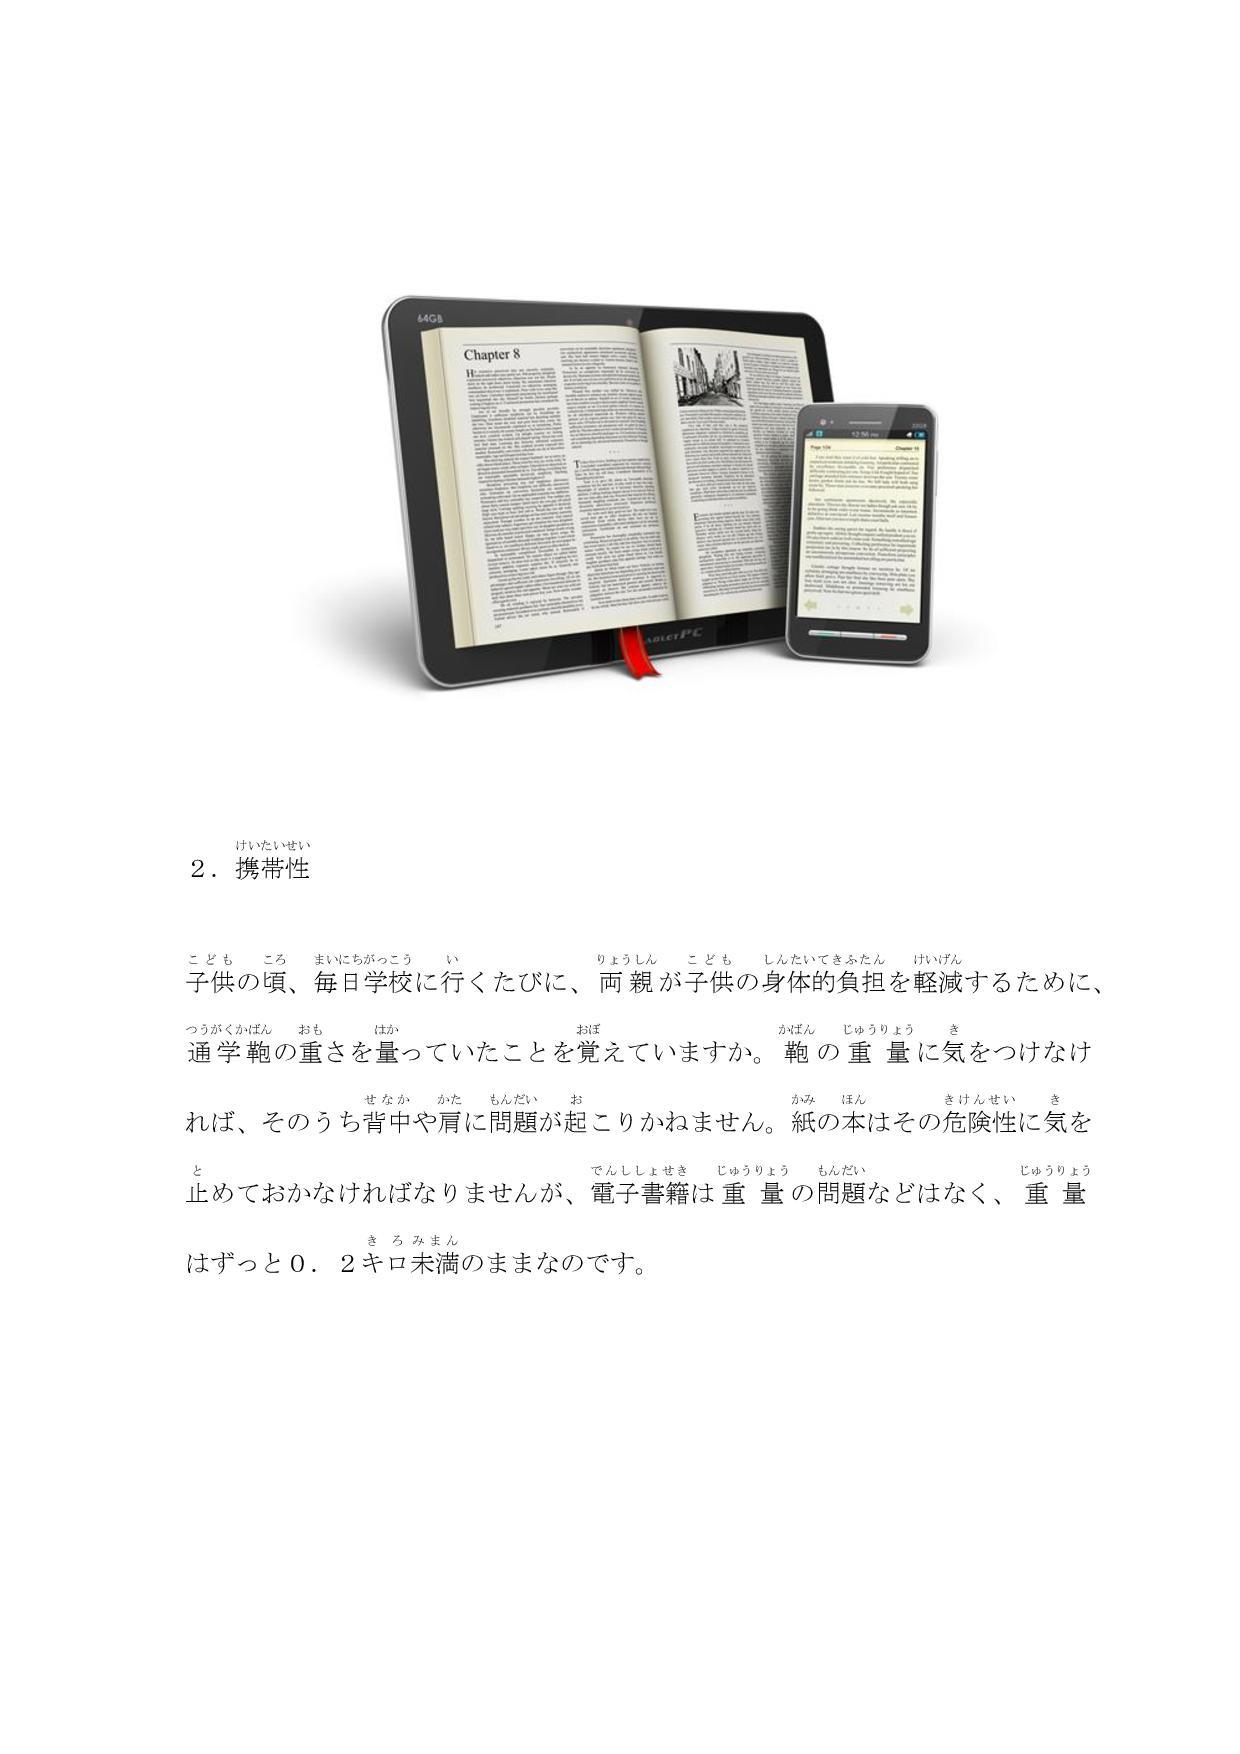 電子書籍か紙の本か-page-002